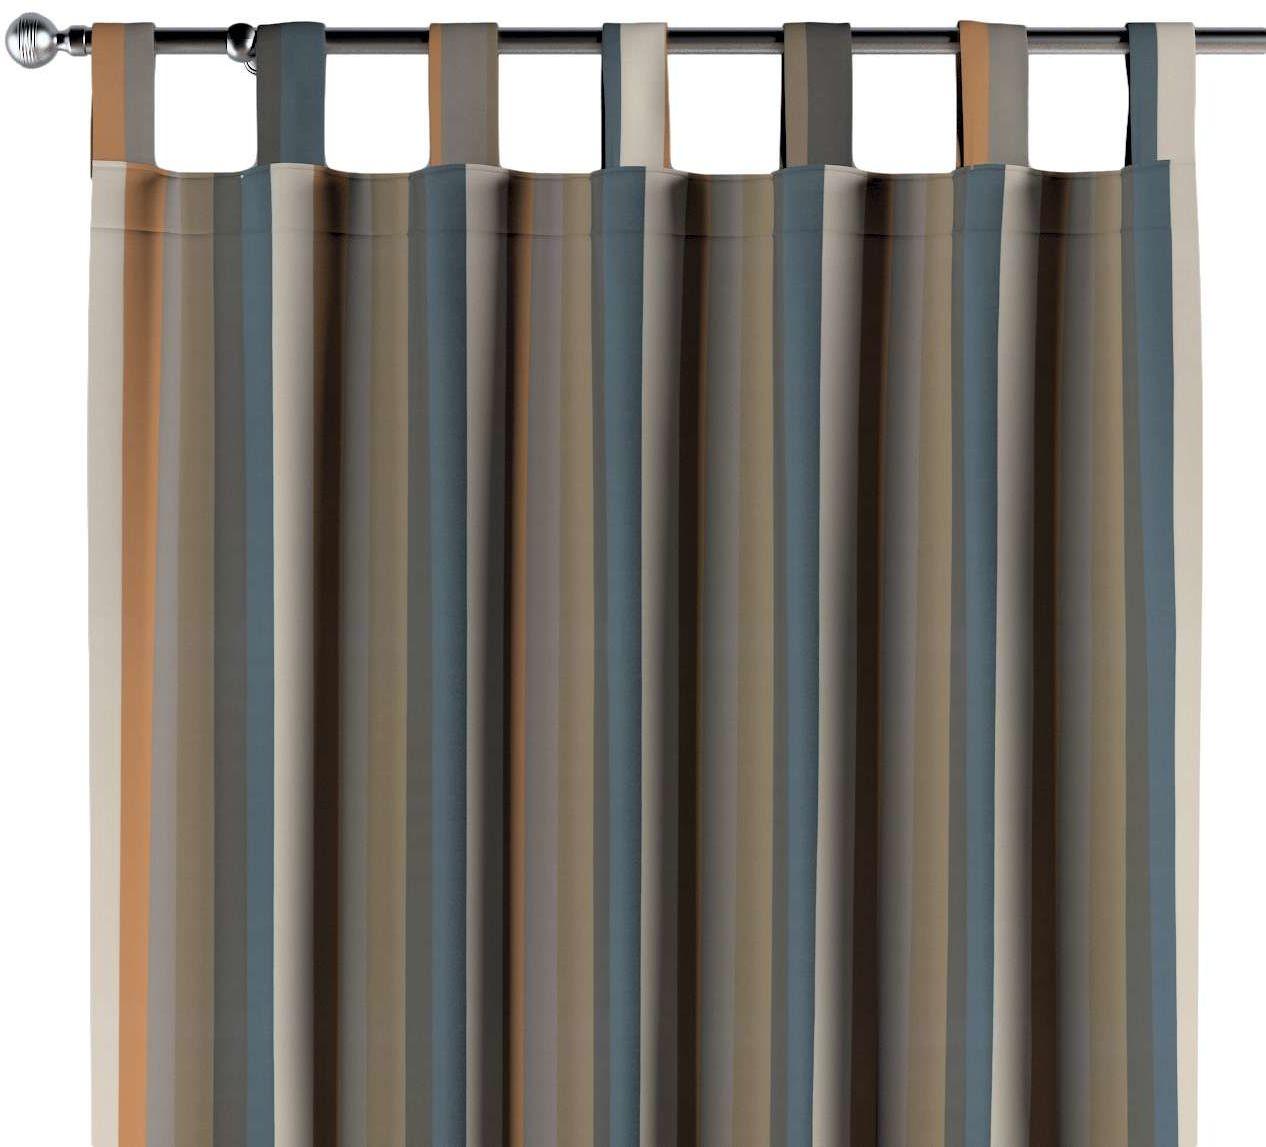 Zasłona na szelkach 1 szt., kolorowe pasy w rudo-brązowo-niebieskiej kolorystyce, 1szt 130  260 cm, Vintage 70''s